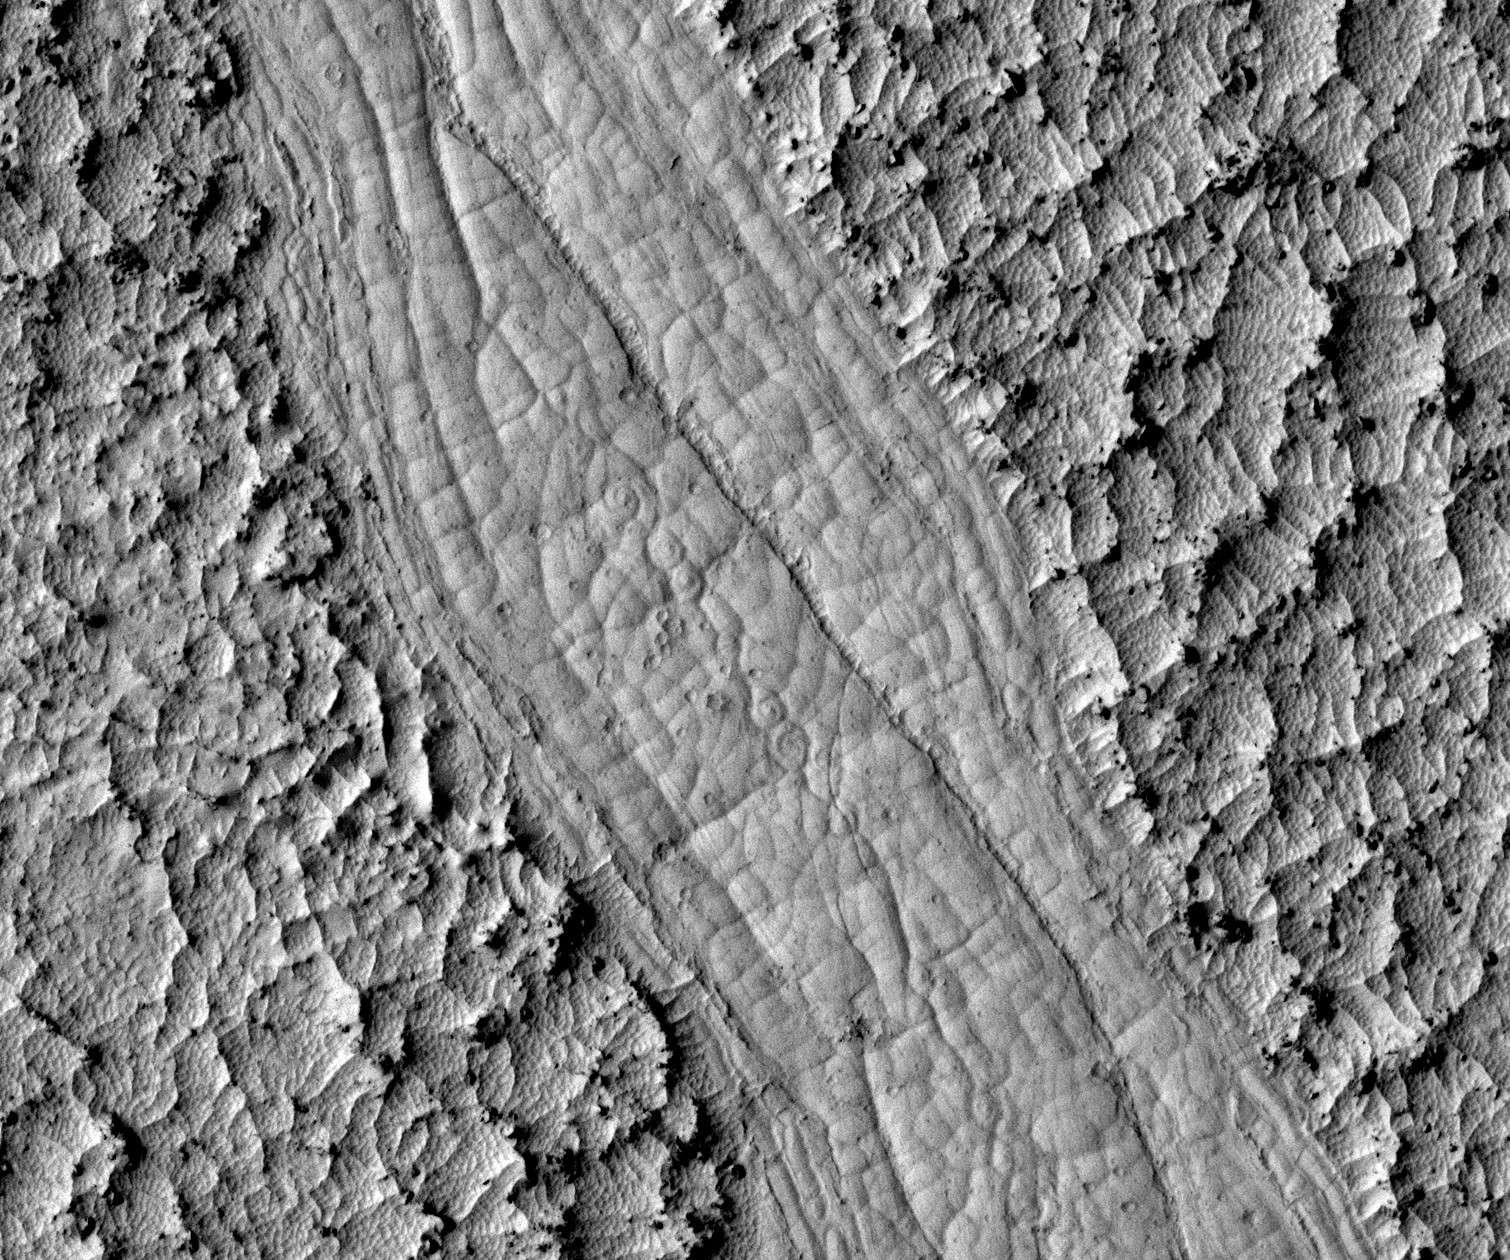 Les spirales découvertes au fond des chenaux d'Athabasca Valles confirment l'origine volcanique de ces écoulements martiens. © Nasa